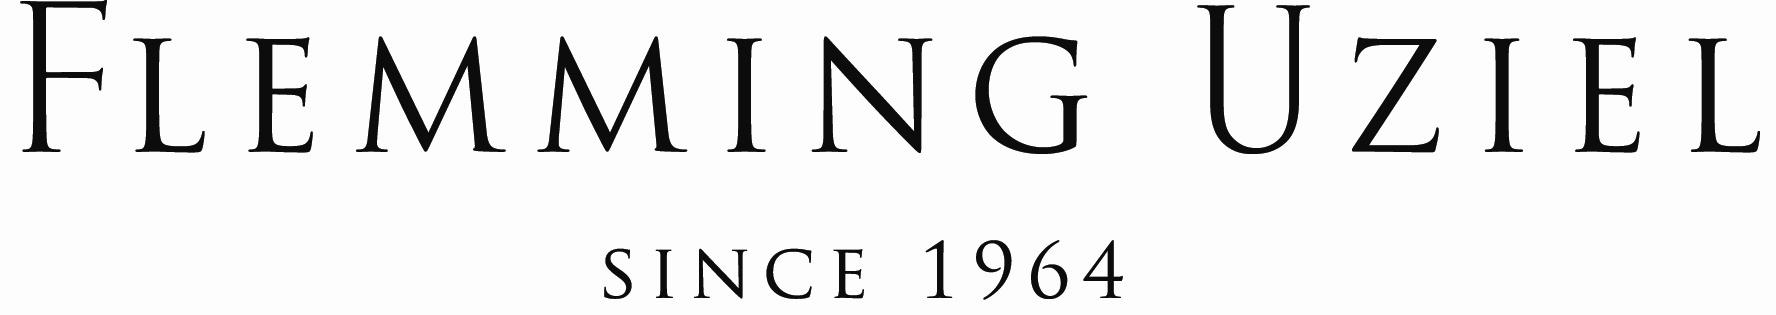 FlemmingUziel_logo